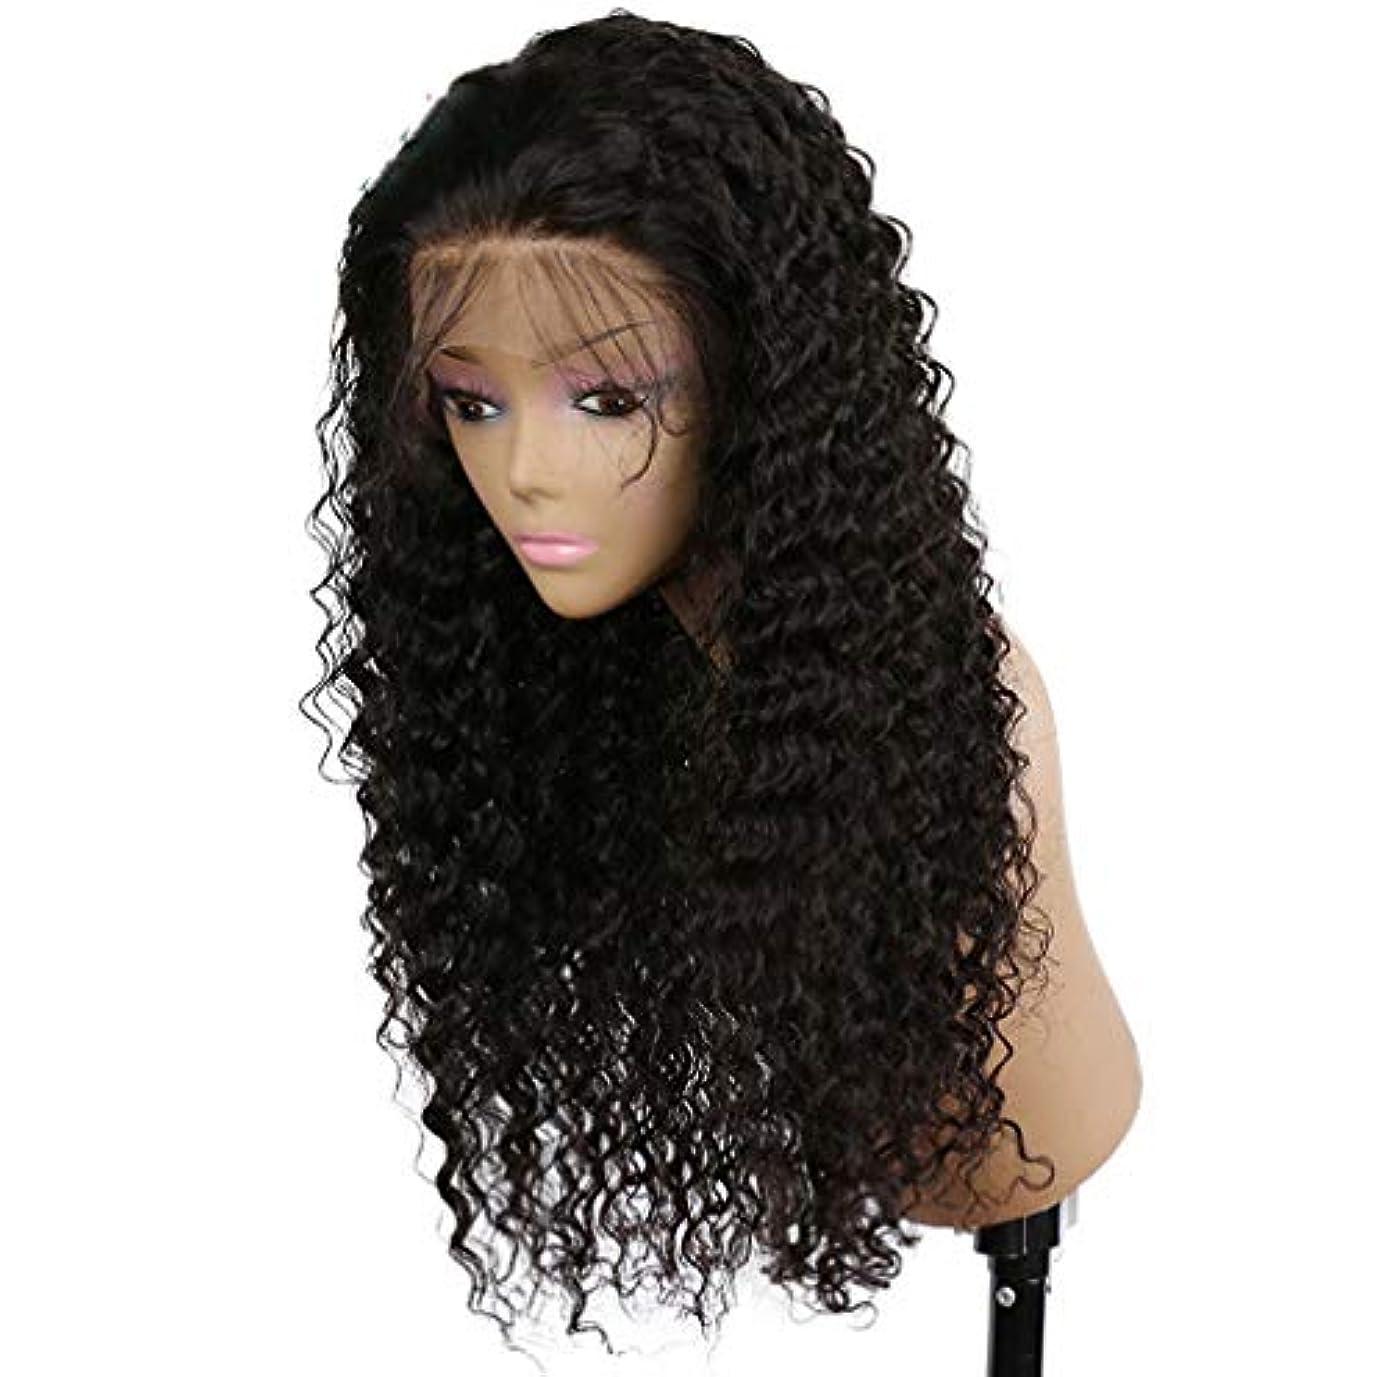 種類ヘッドレス皮肉な女性かつらレース前頭=ブラジルの深い波髪かつらレースフロント人間の髪かつらベビー髪ショートレミー150%密度